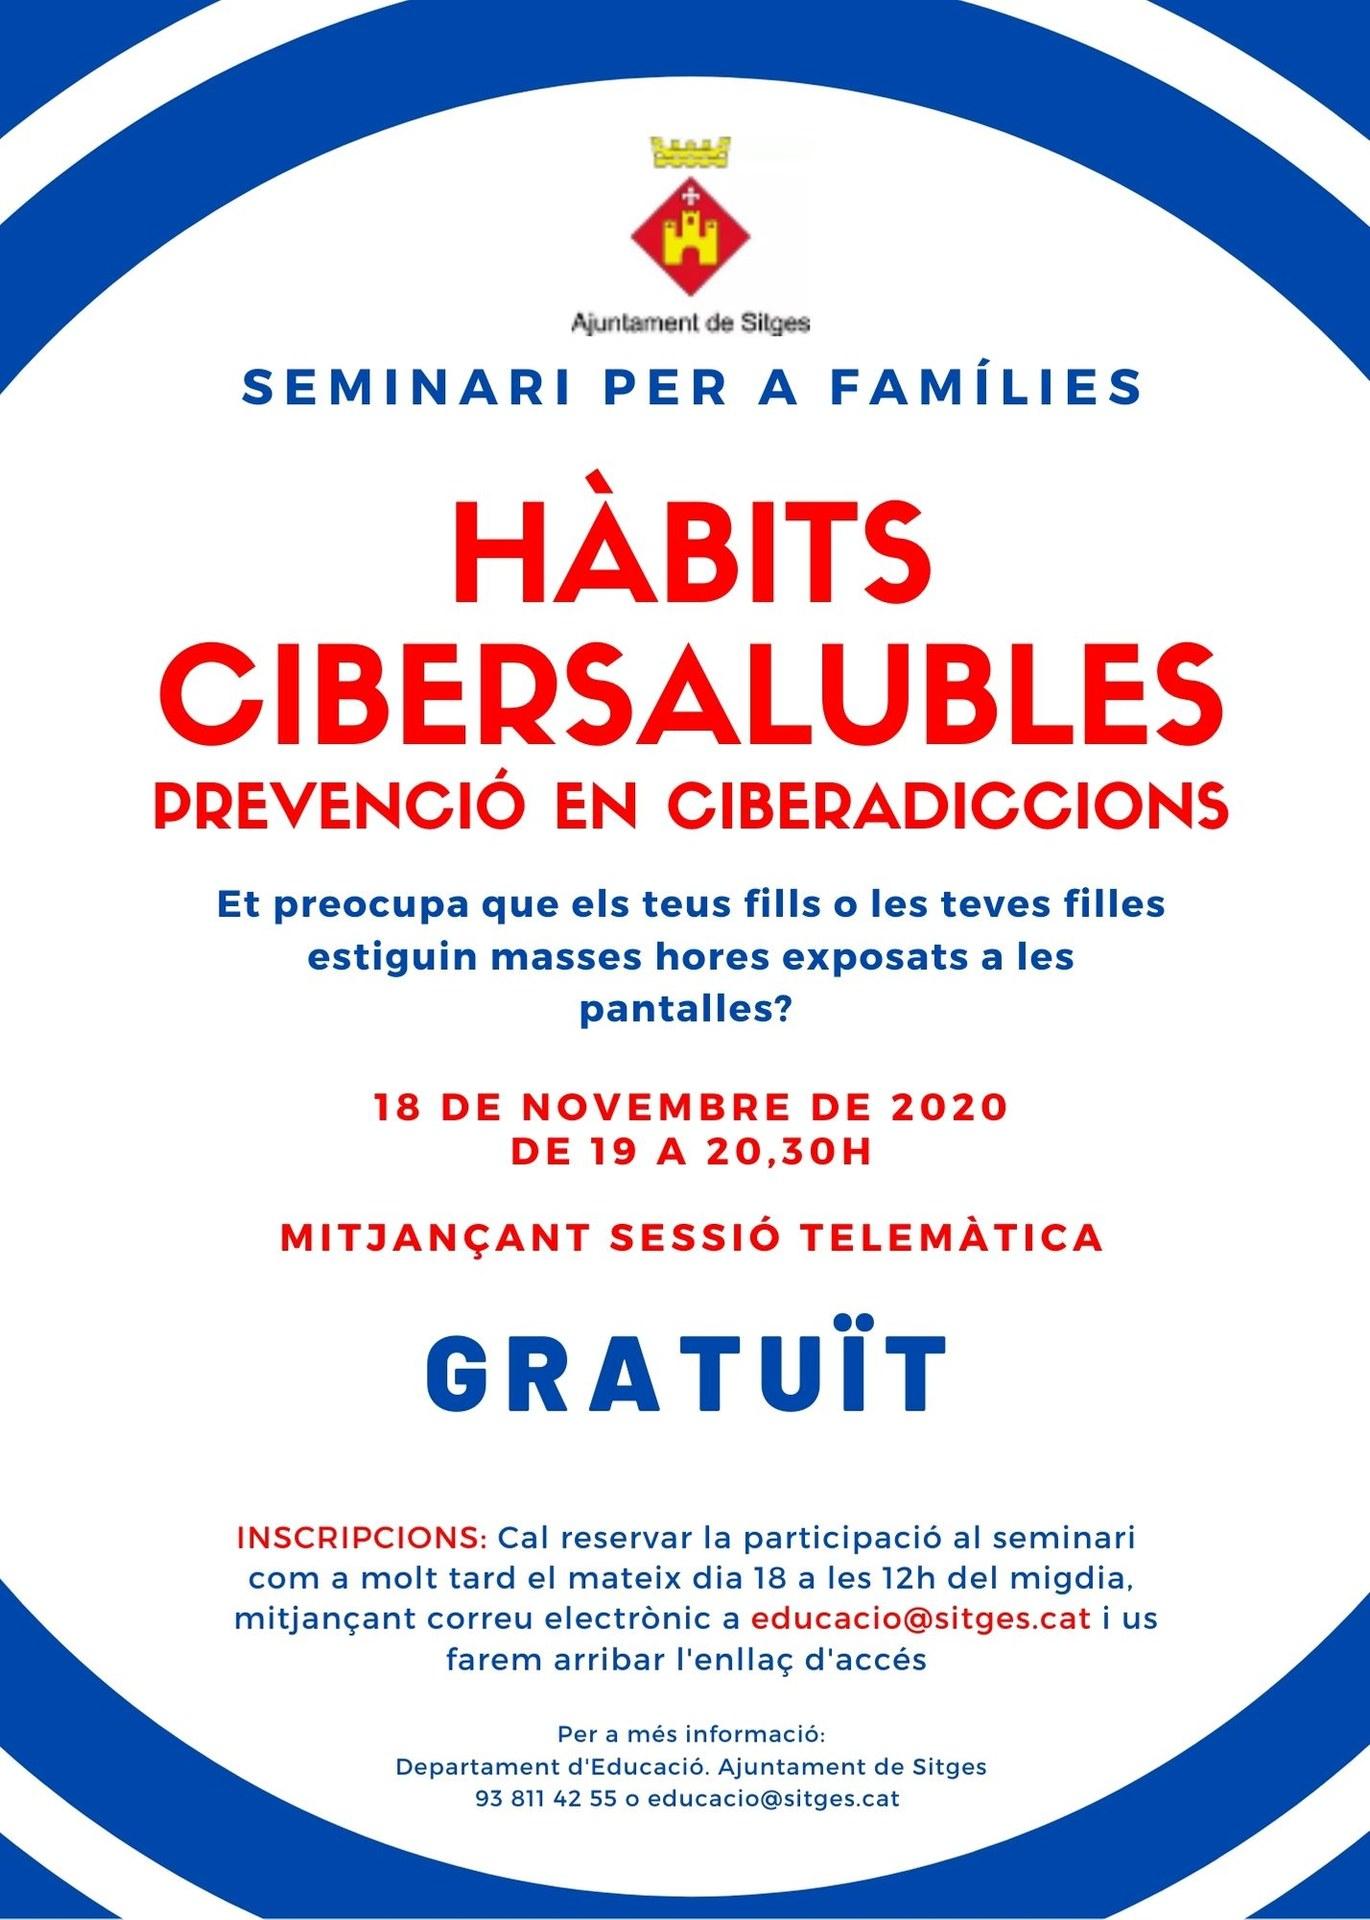 La regidoria d'Educació organitza aquest dimecres un  seminari per a famílies sobre hàbits cibersaludables de prevenció en ciberaddiccions